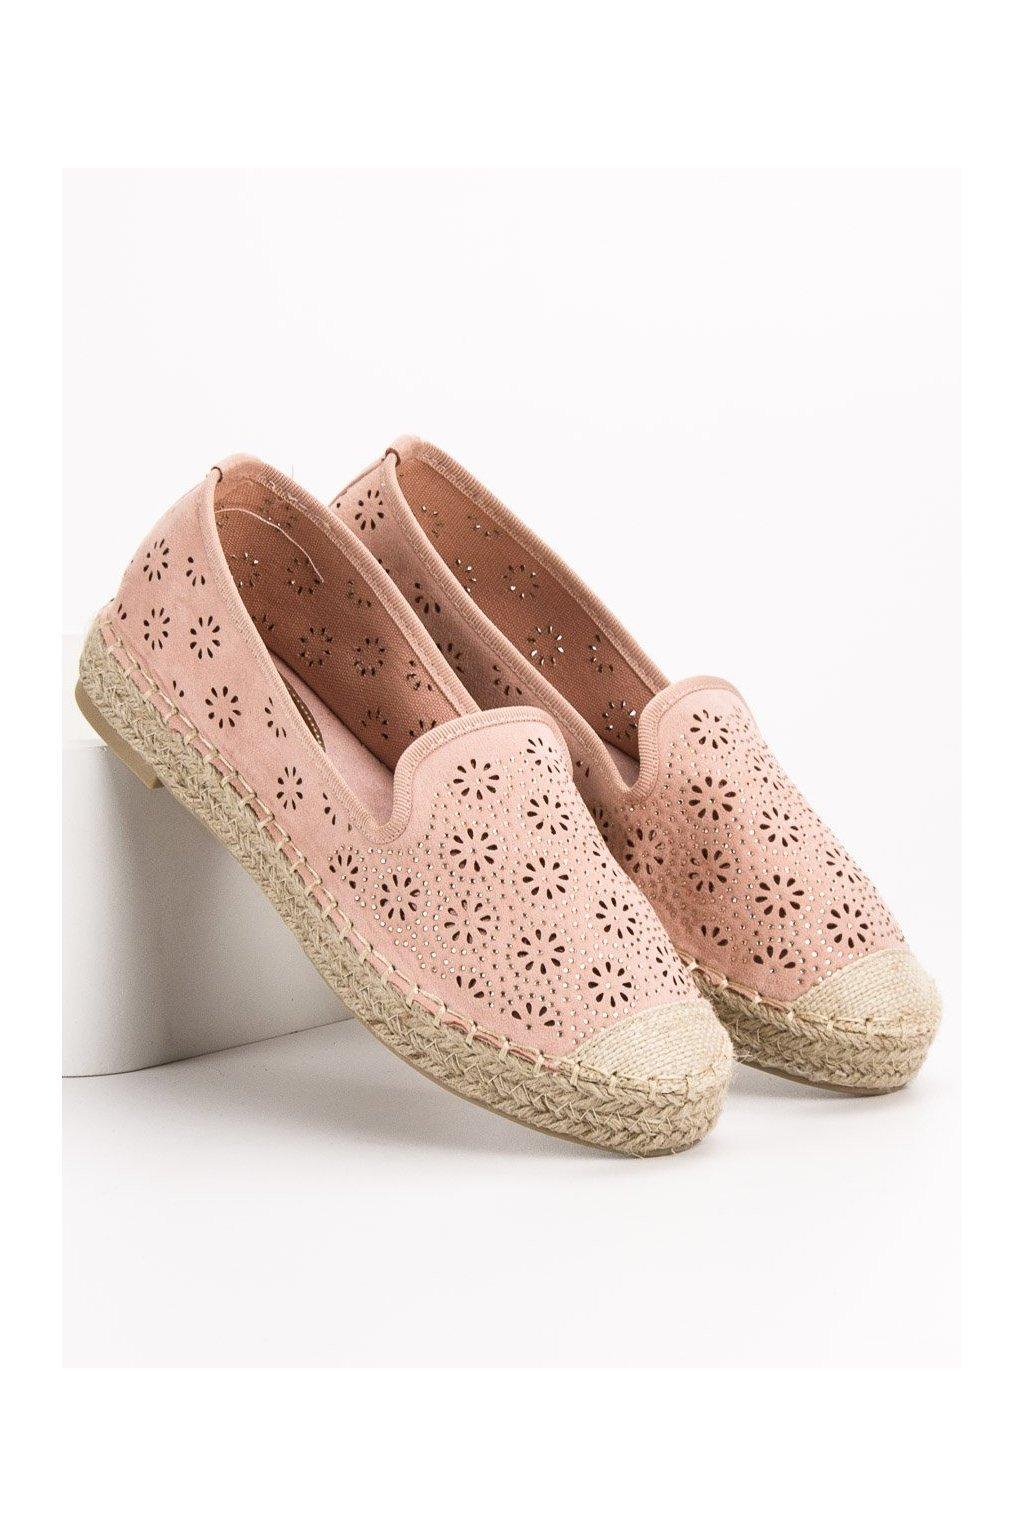 Ružové dámske balerínky Vices kod 9269-20P